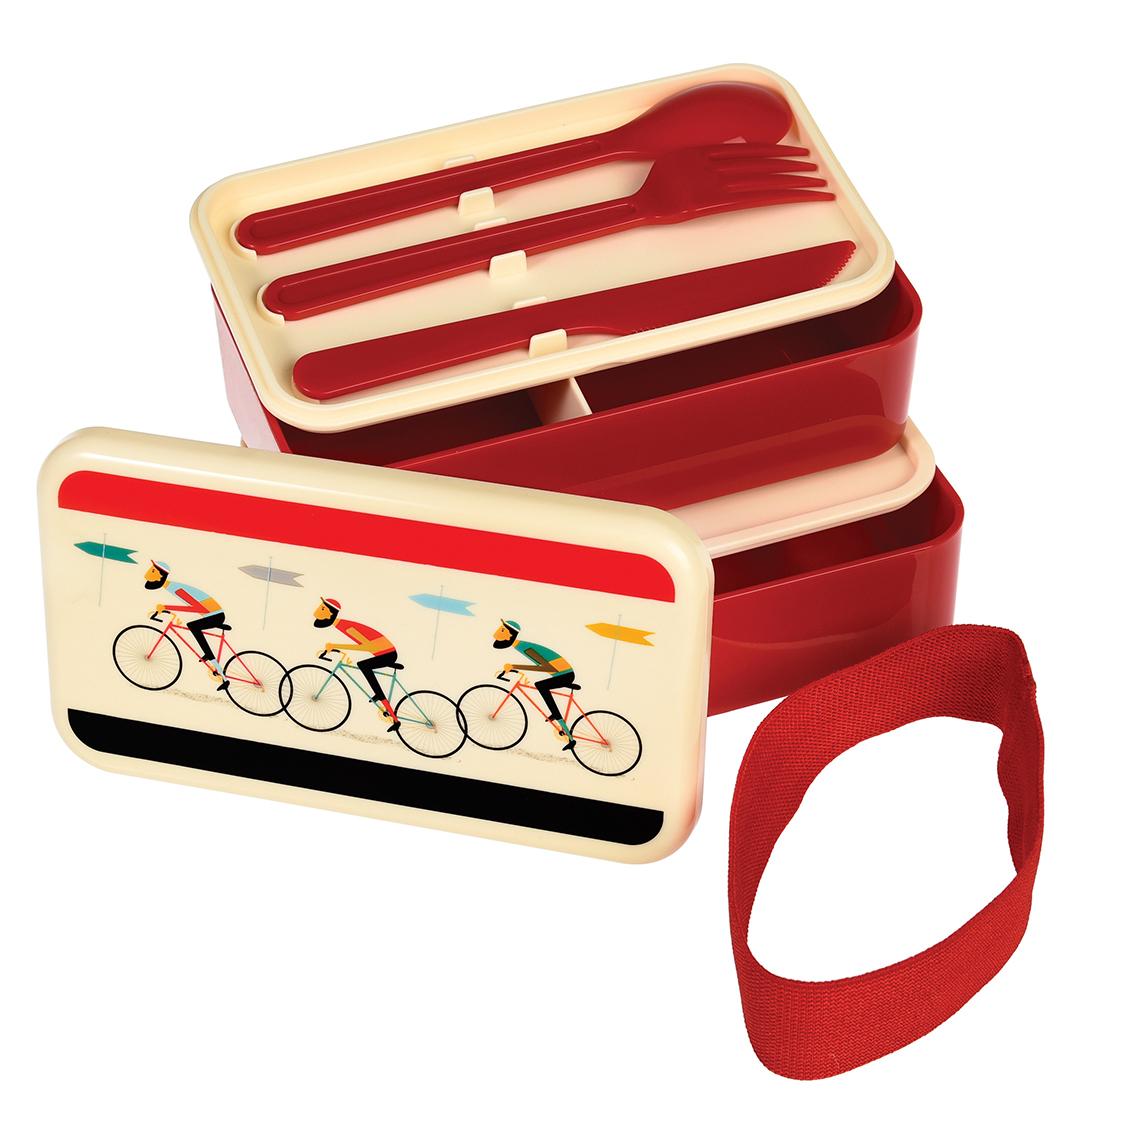 Laekker-stor-madkasse-med-retro-cykel-print